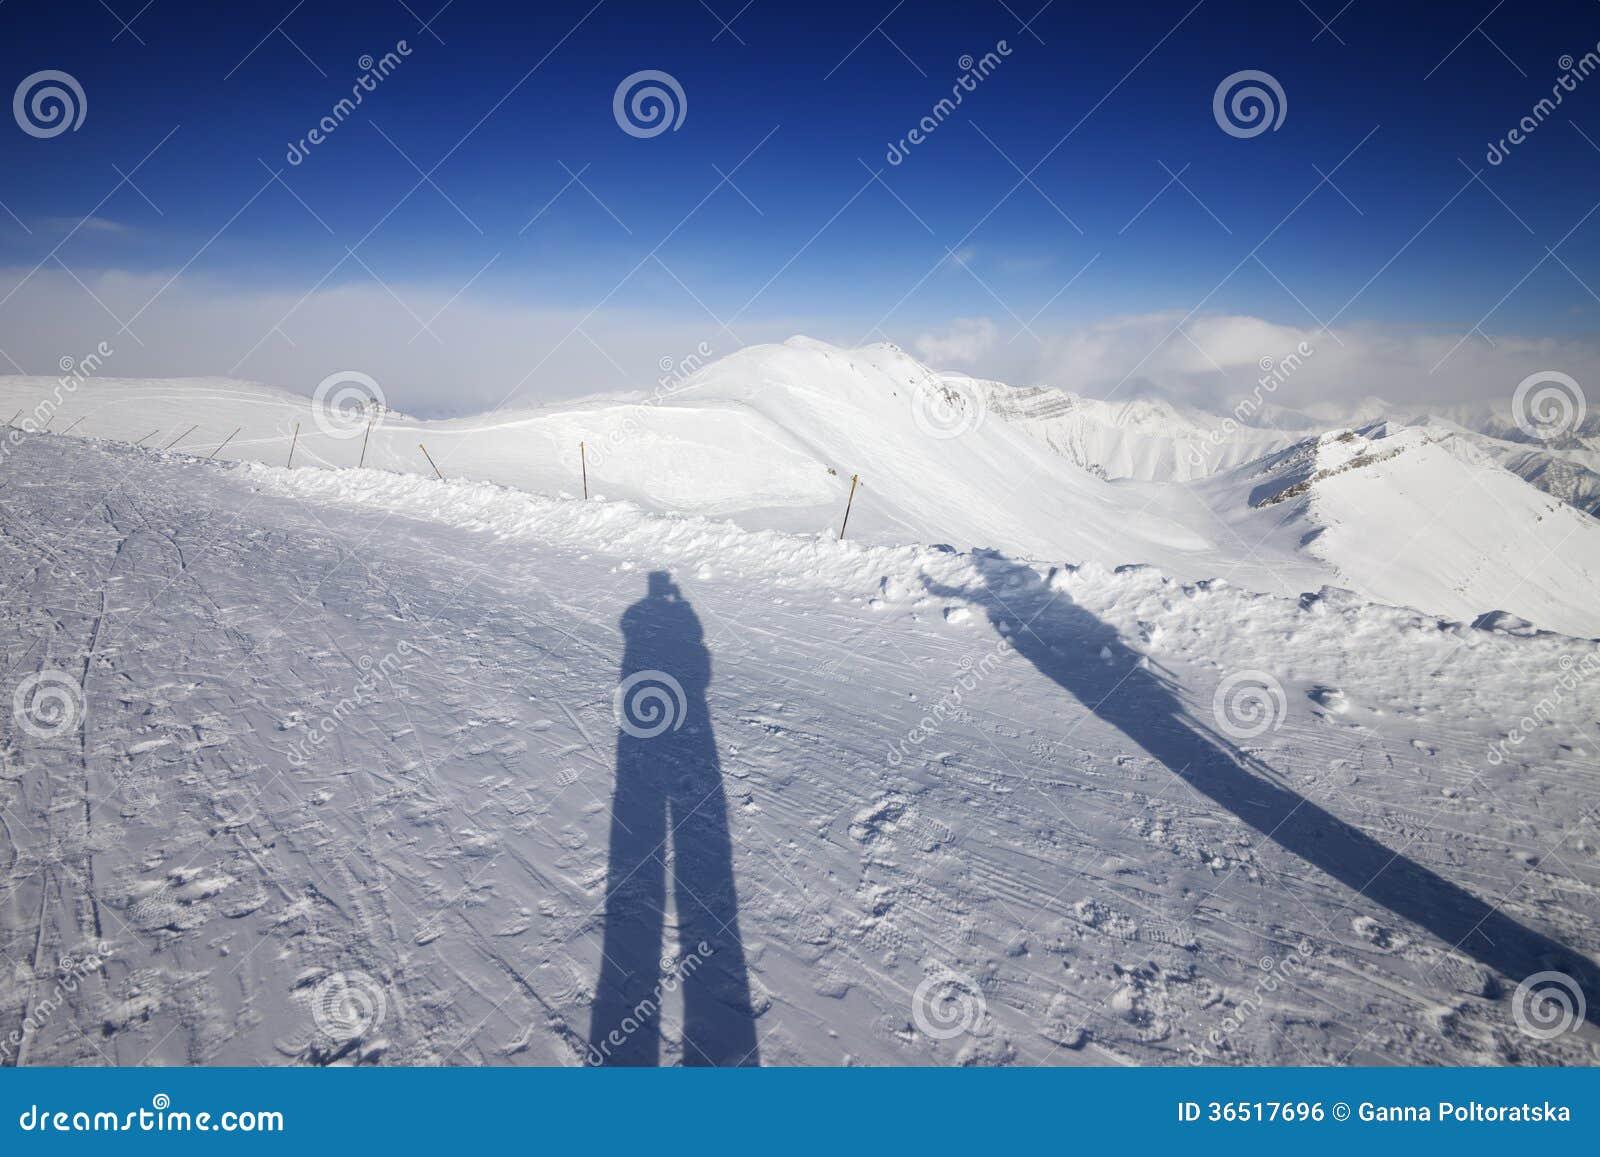 Ombres de skieur et de surfeur sur la neige